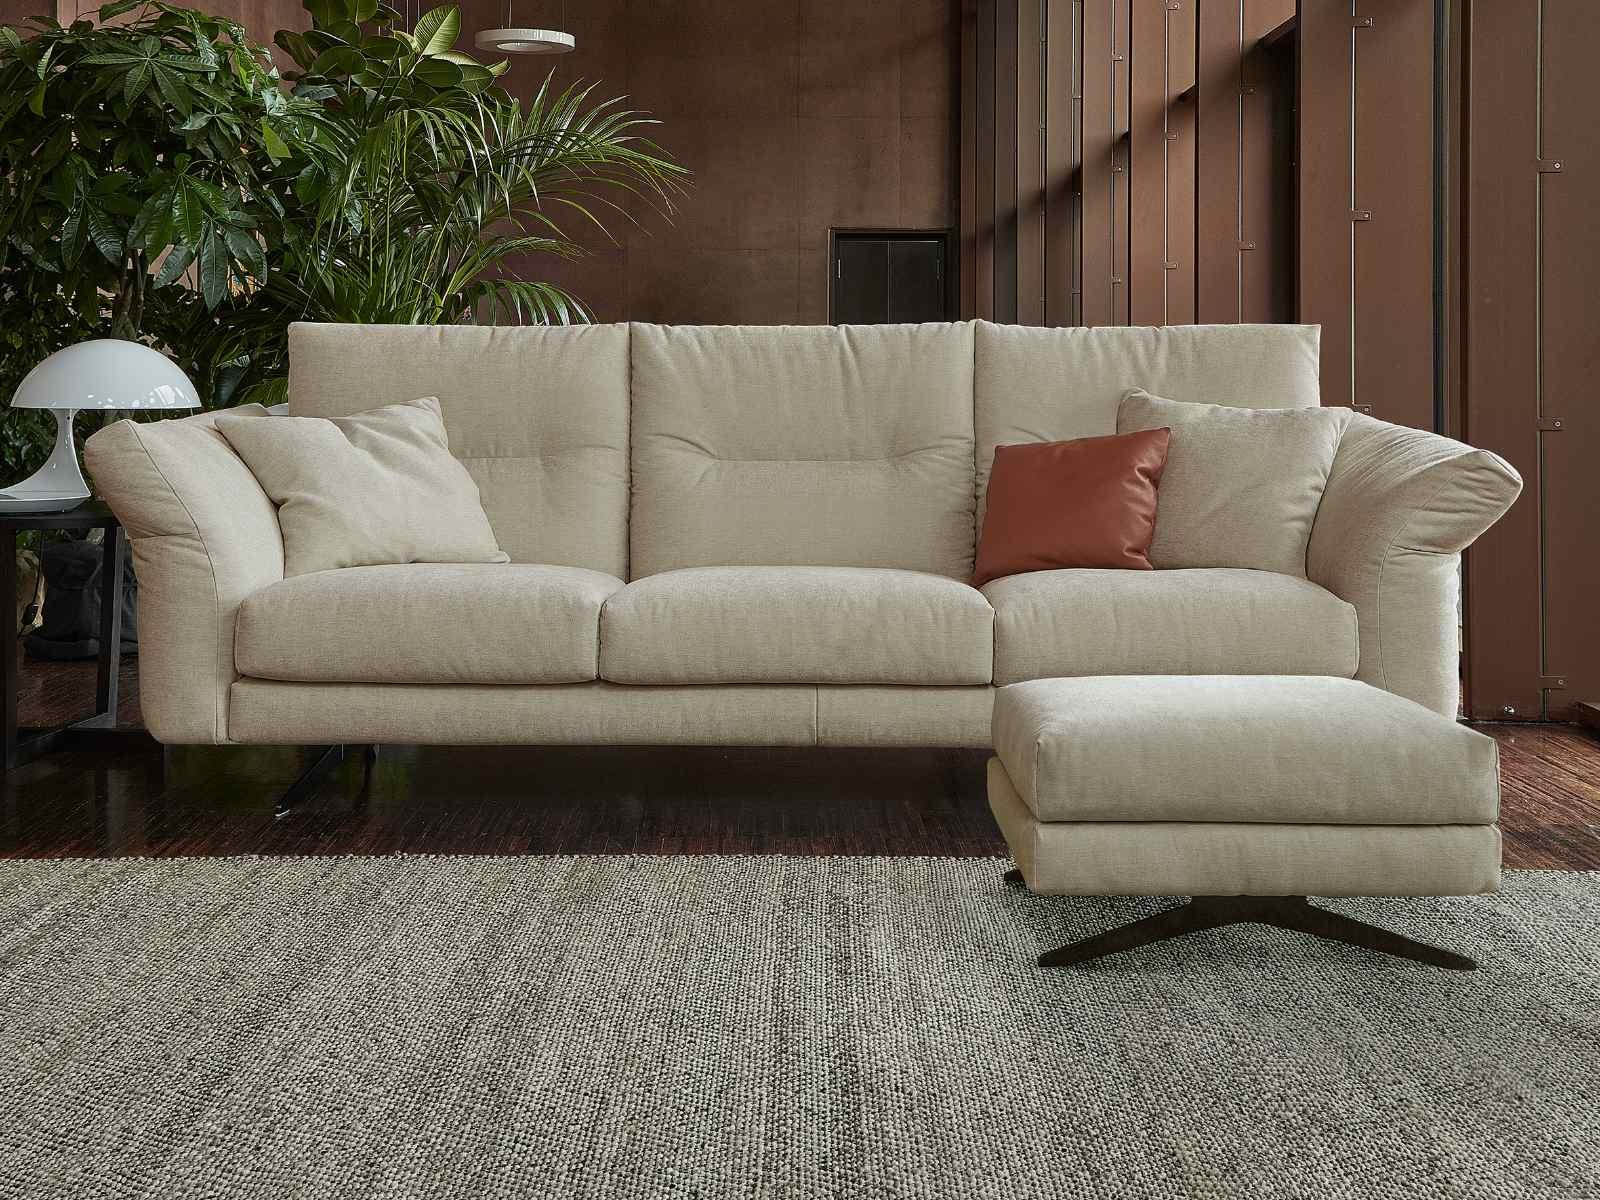 Composizione divano moderno Stamford